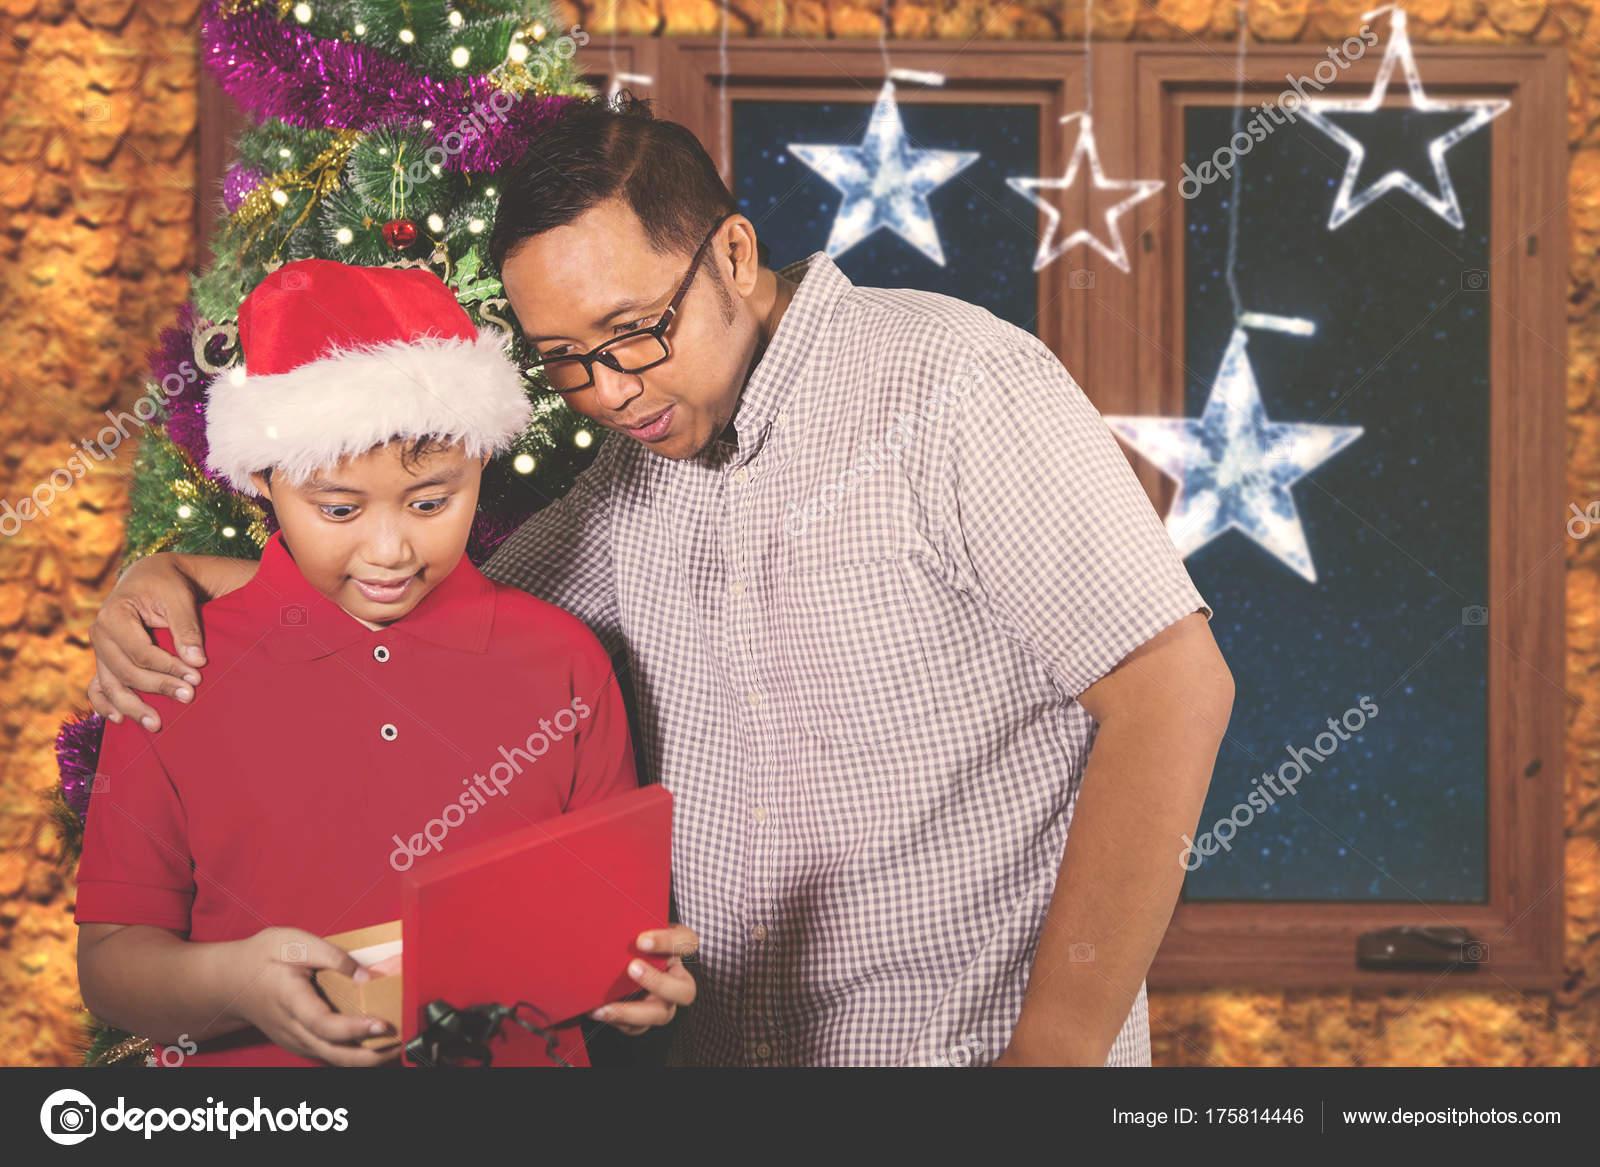 Vater und Kind begeistert mit einem Weihnachtsgeschenk — Stockfoto ...